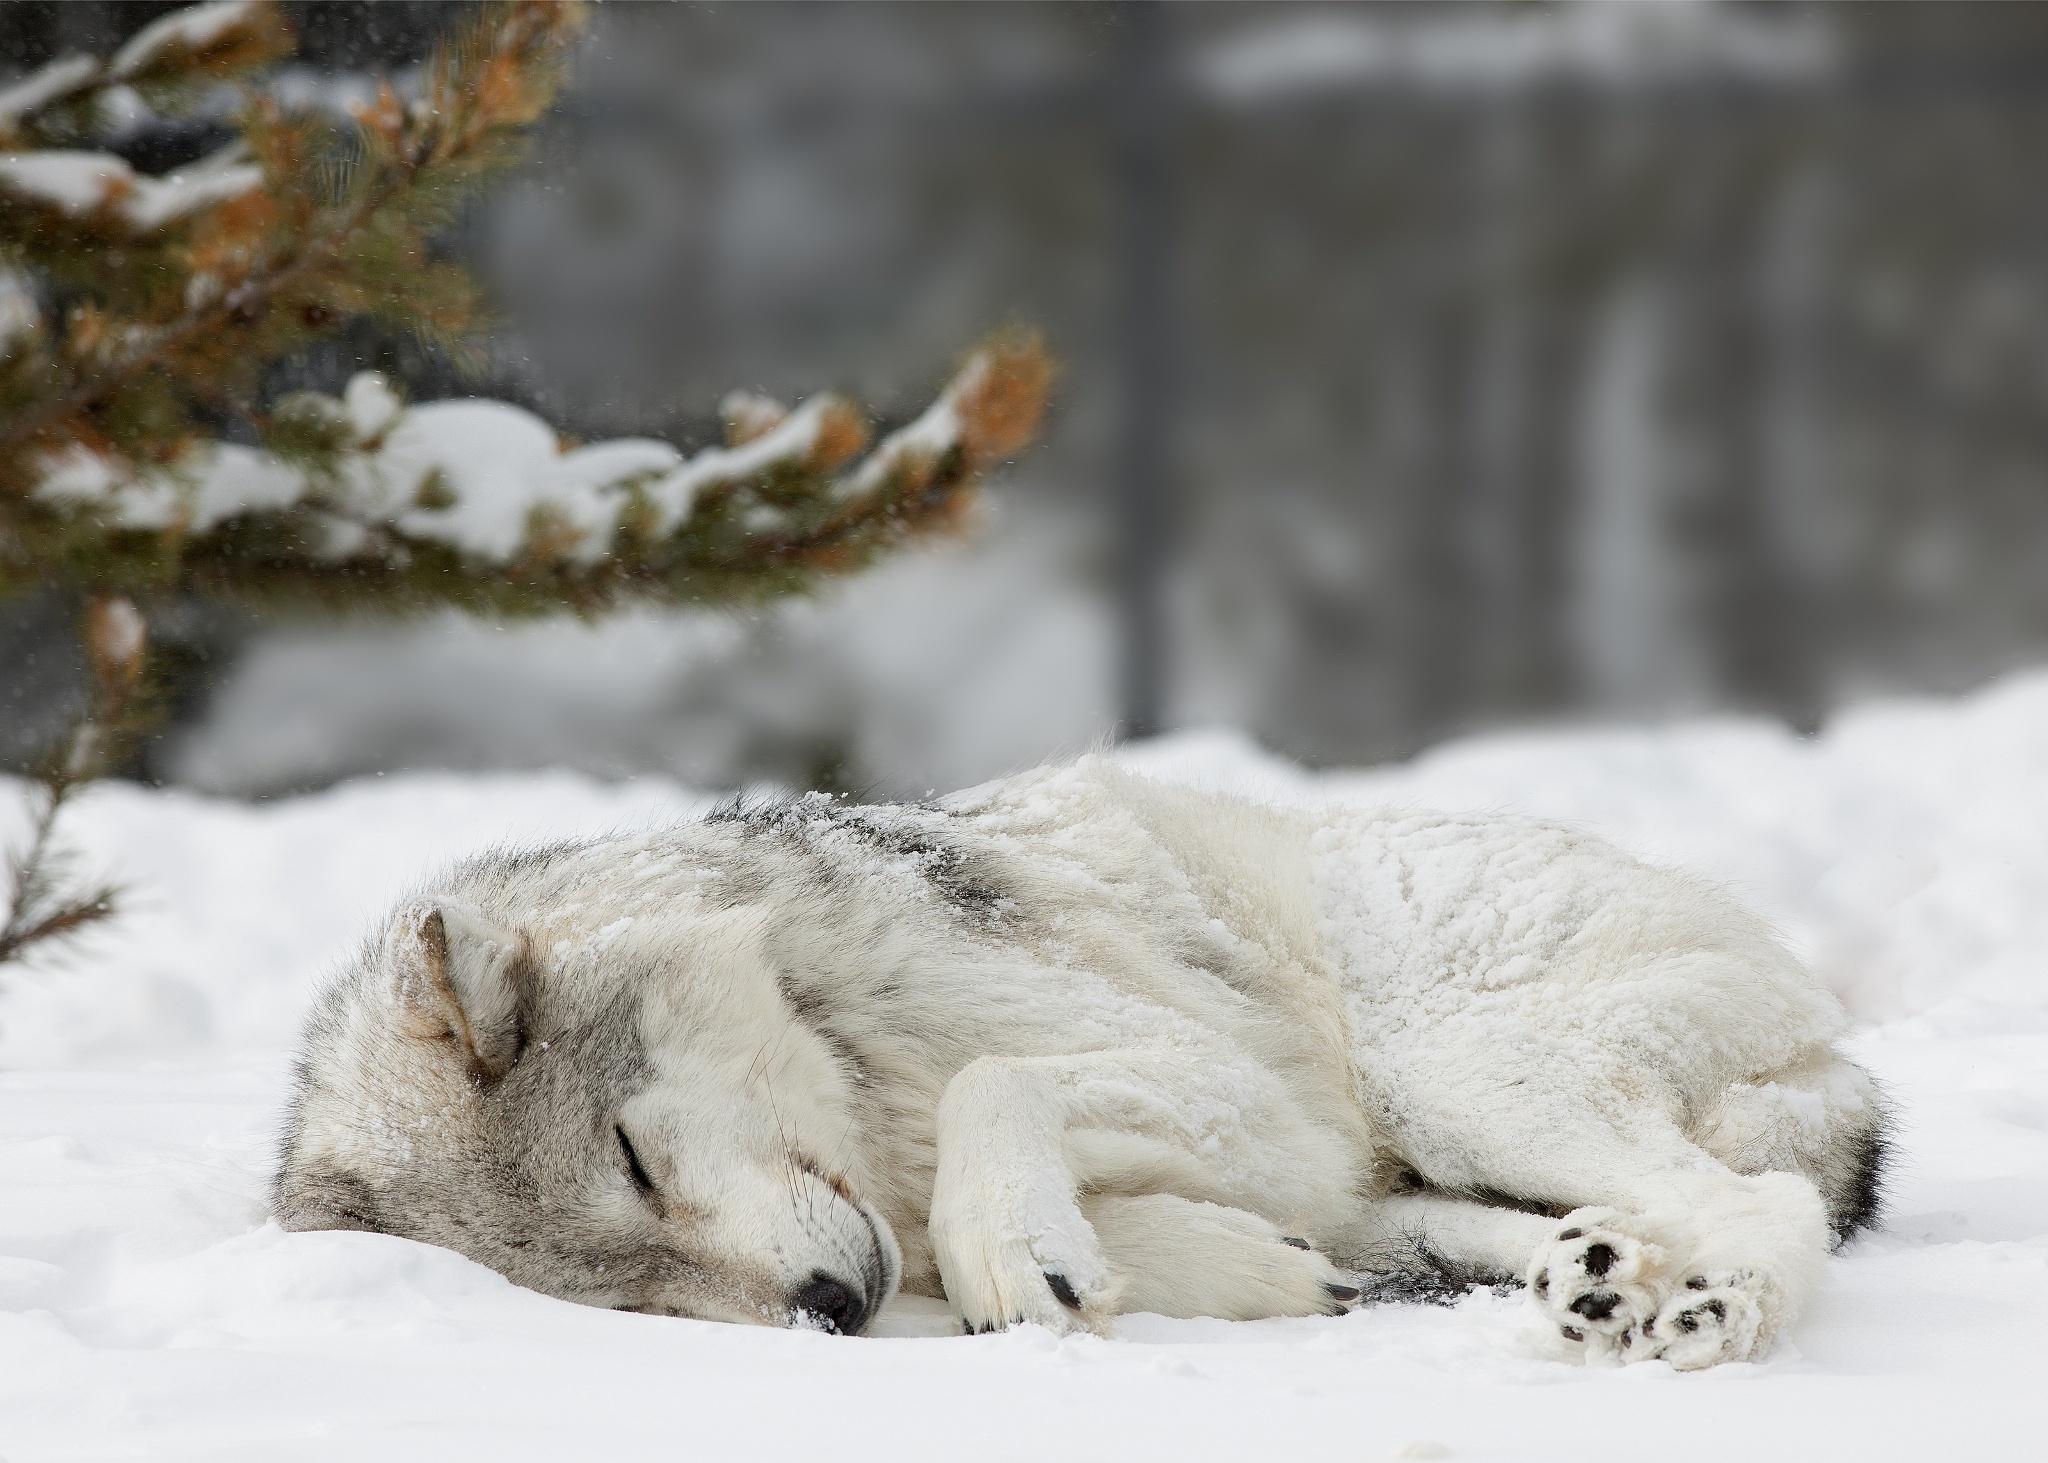 которые плачут, картинка лес волк снег меня, чтобы видел